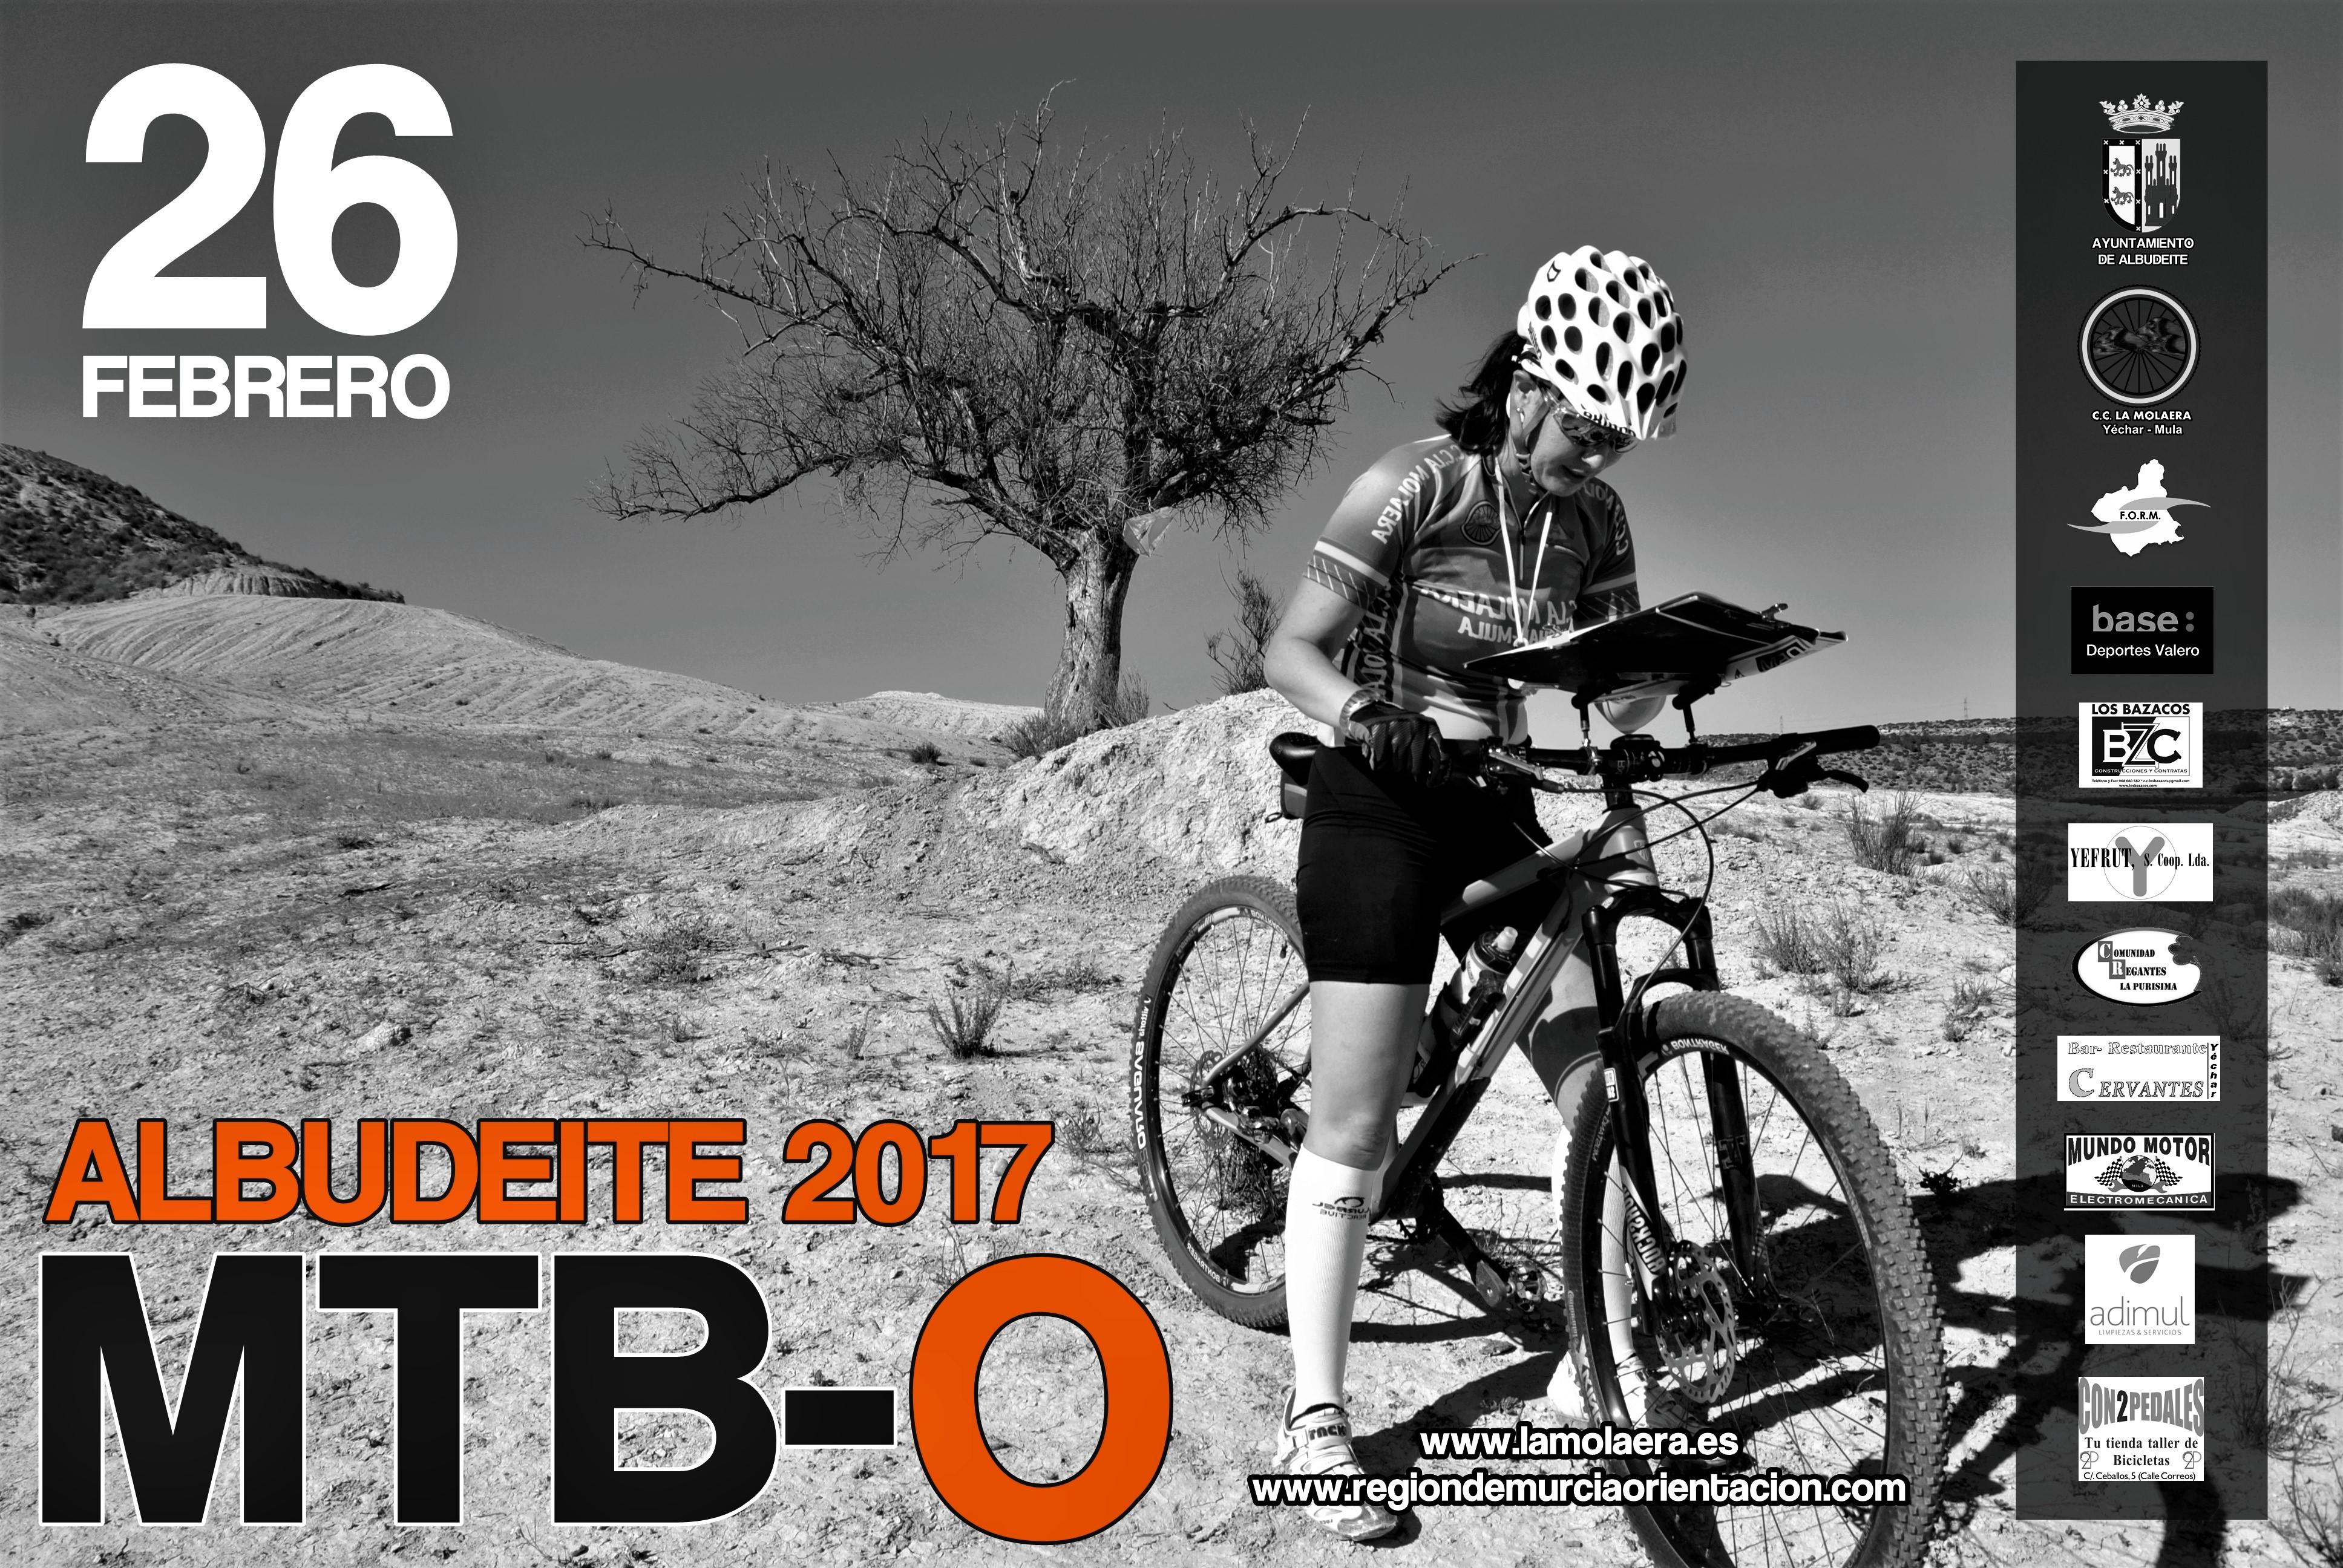 Bike Orientación de Albudeite